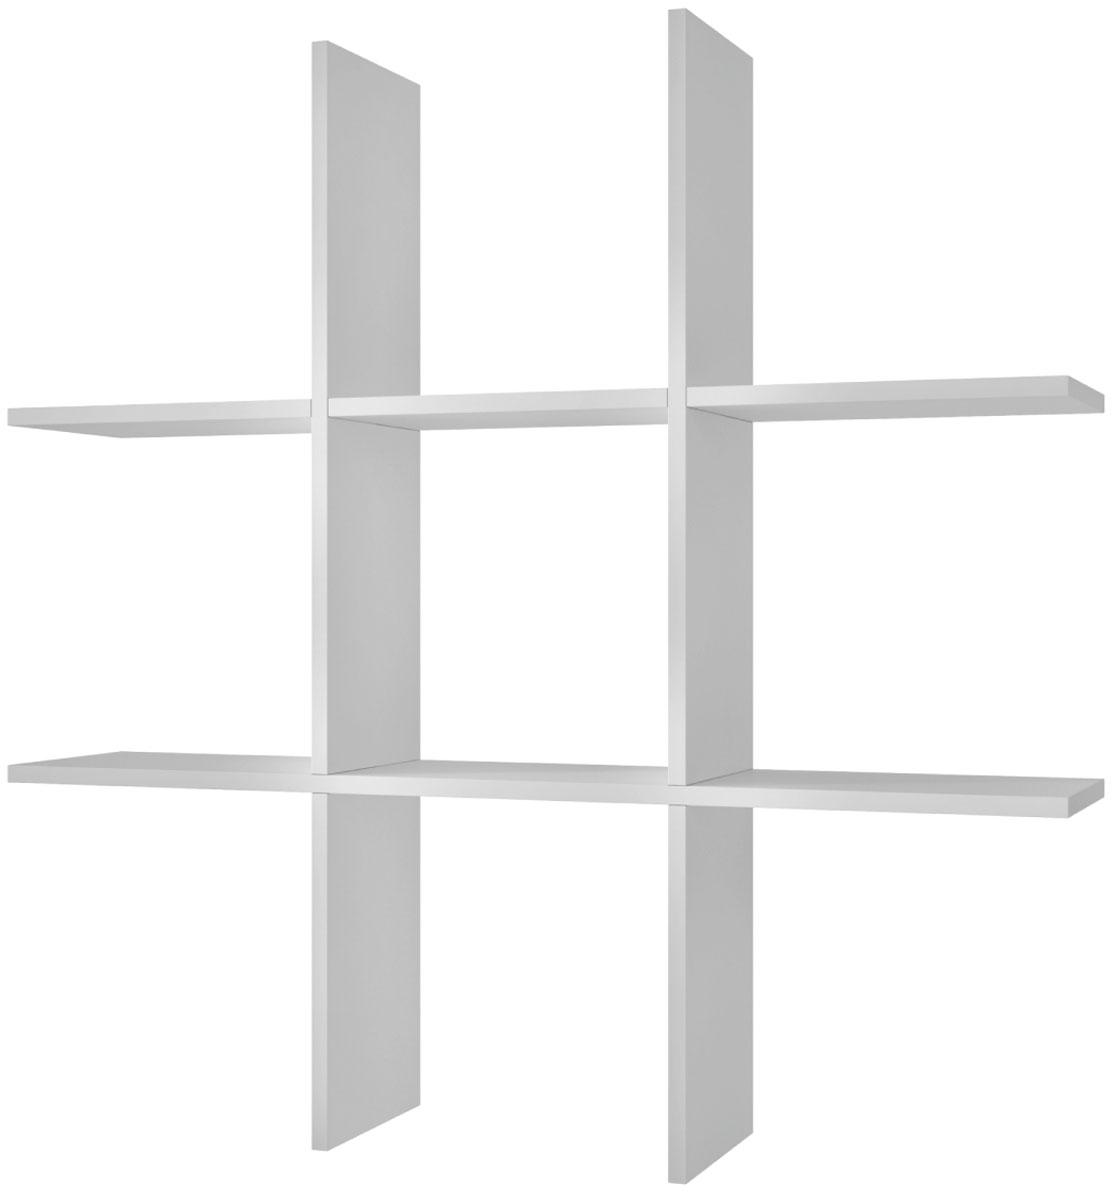 Полка Manhattan Comfort Taranaki, цвет: белыйBX 21-06Полка открытая Taranaki для спальни, гостиной или офиса.